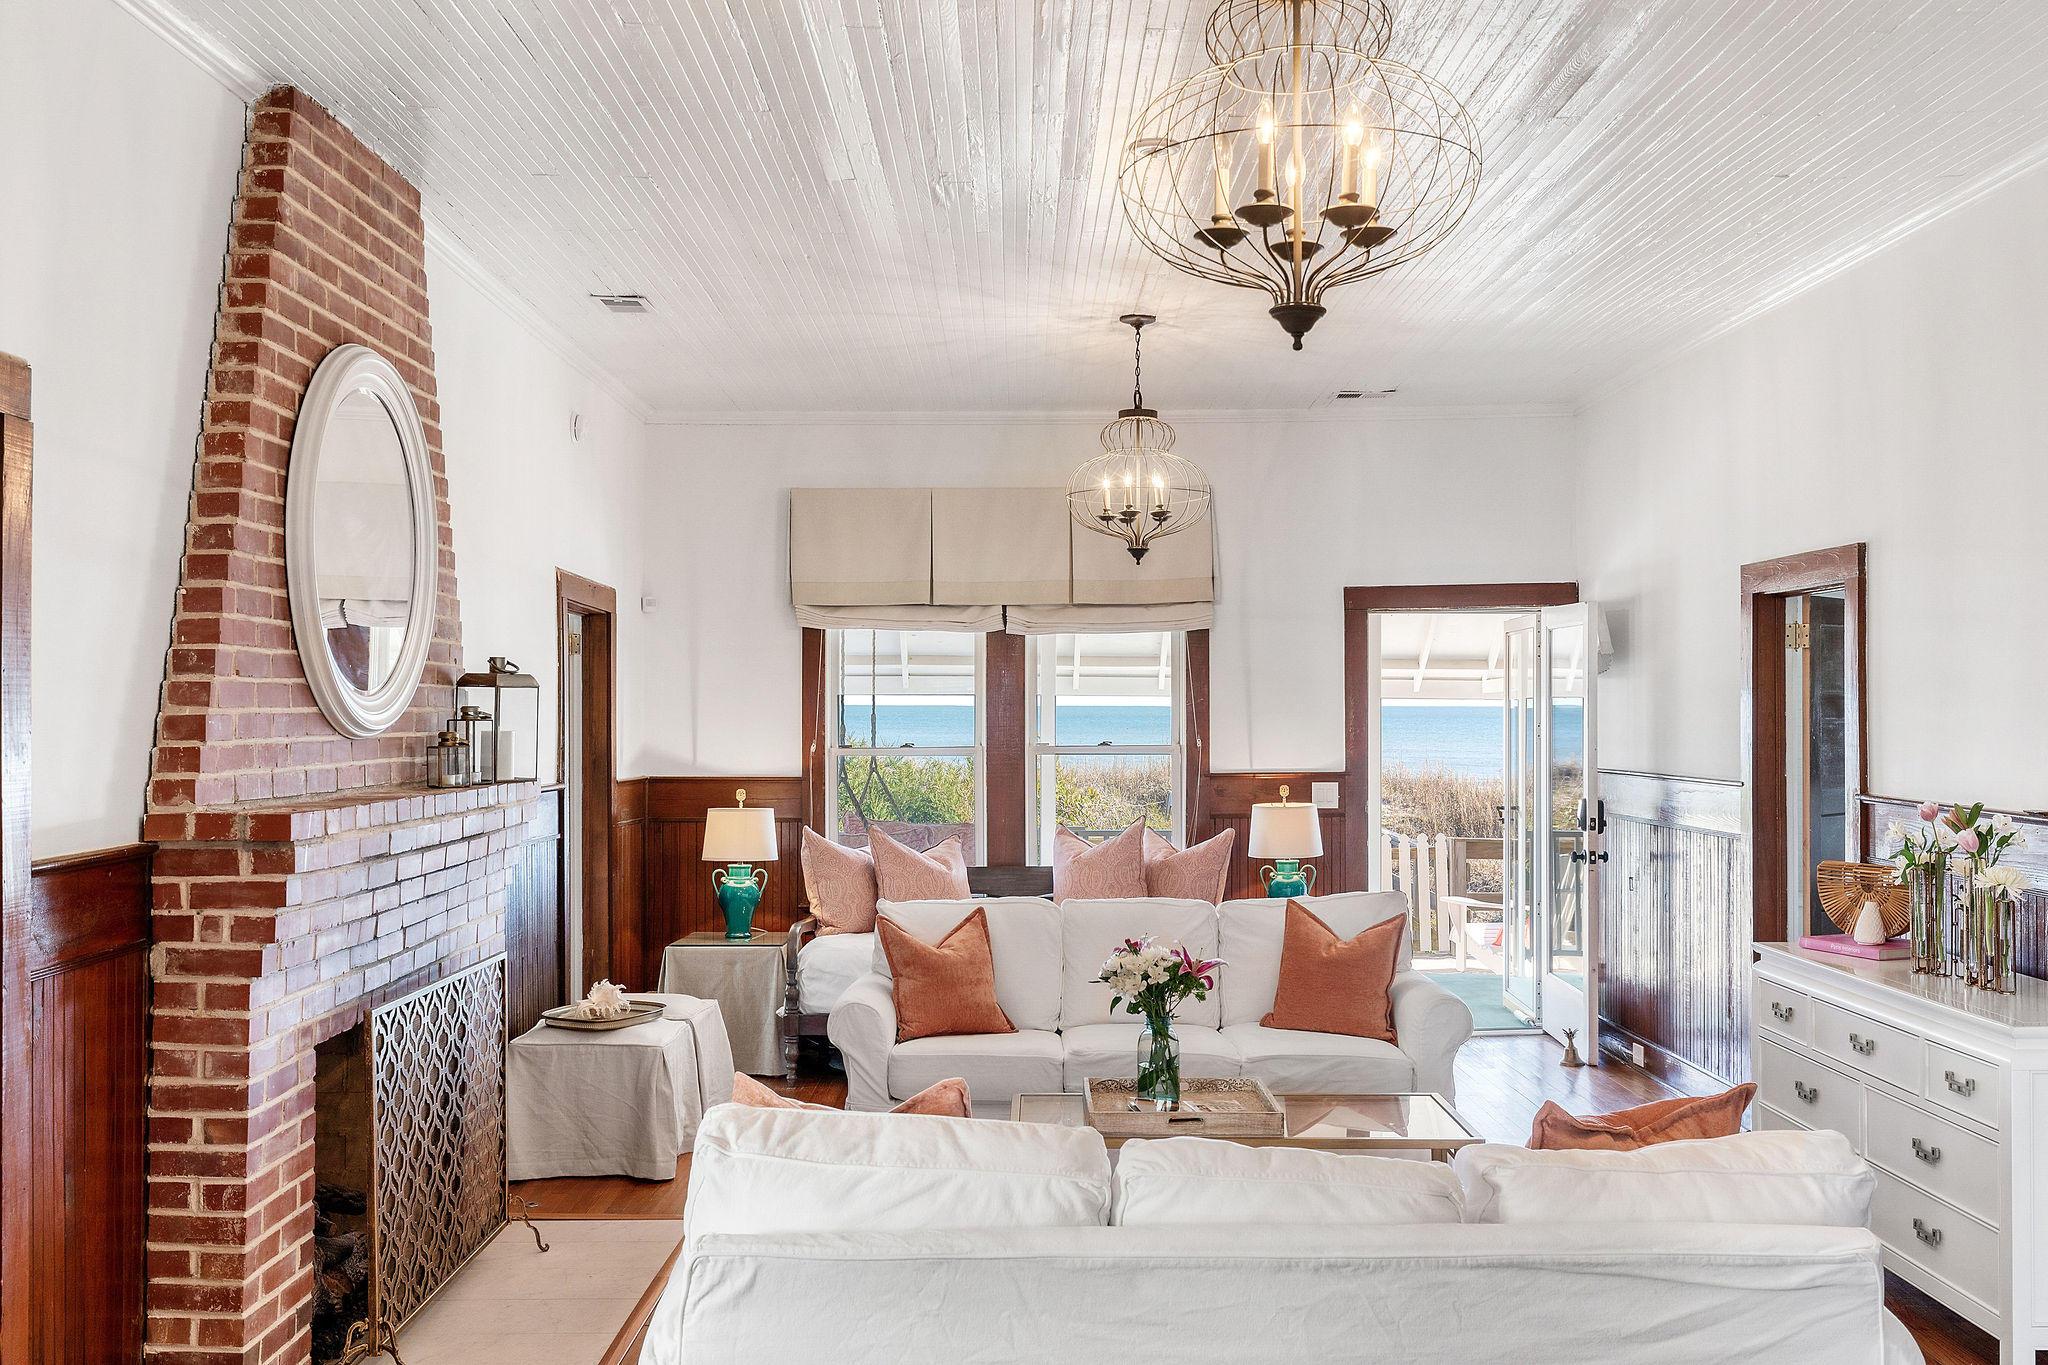 Folly Beach Homes For Sale - 509 Ashley, Folly Beach, SC - 86